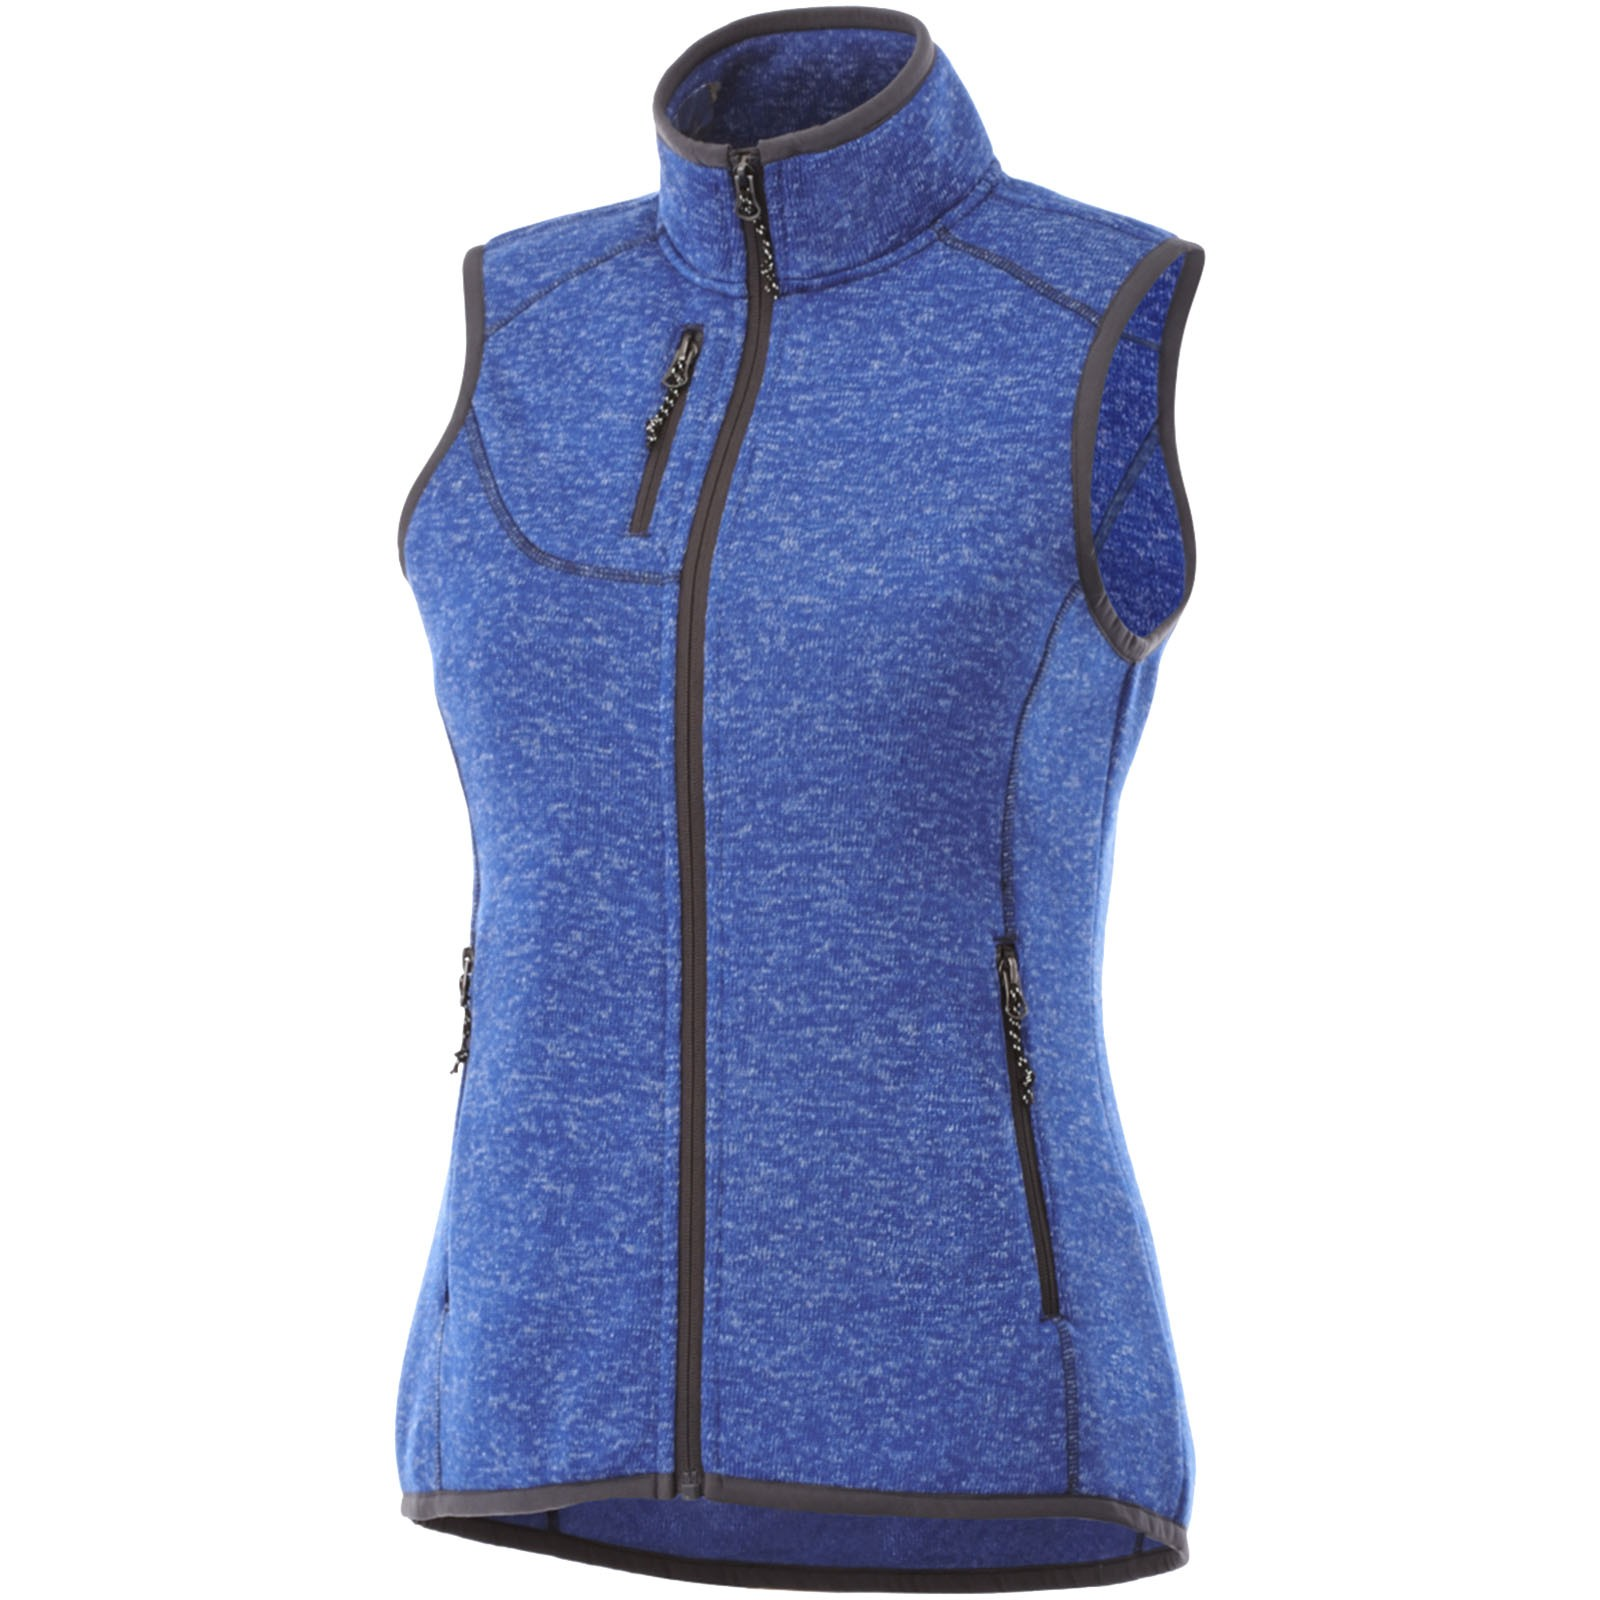 Tkaná dámská vesta Fontaine - Heather modrá / M